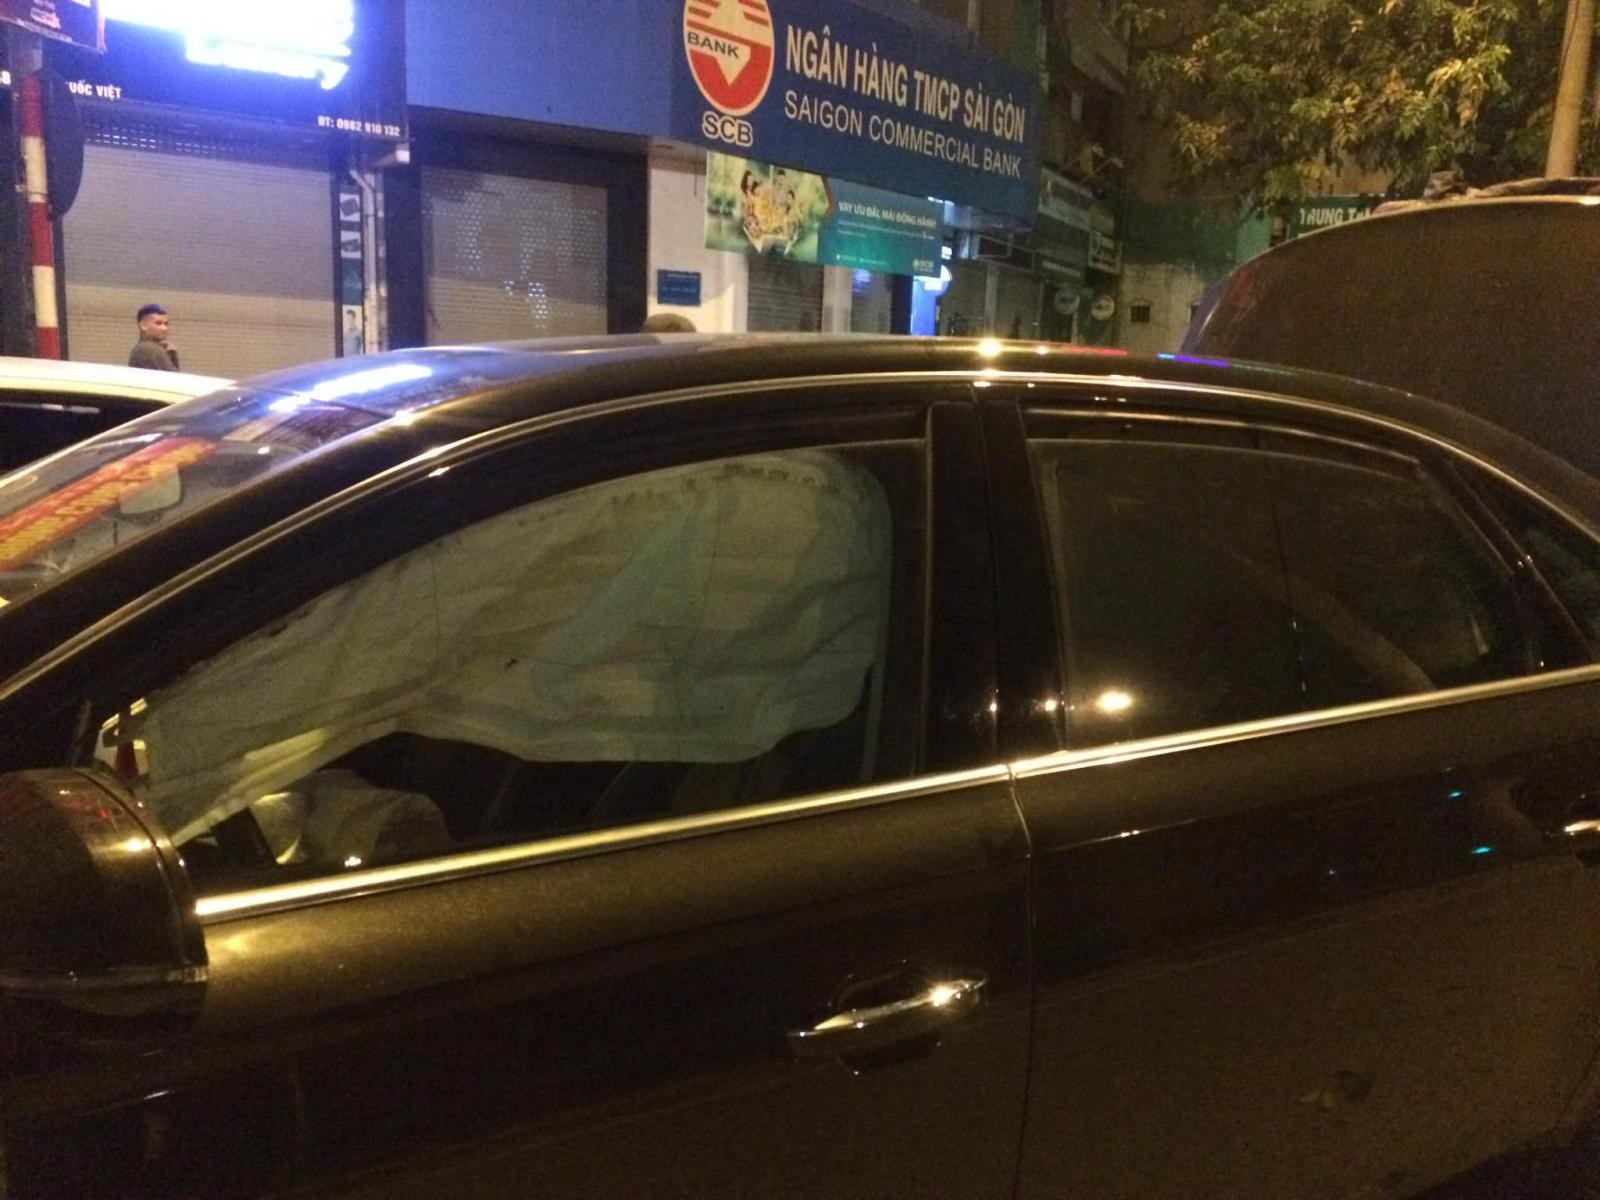 Túi khí bên trong chiếc Audi A8 đã bung ra, che kín cửa sổ